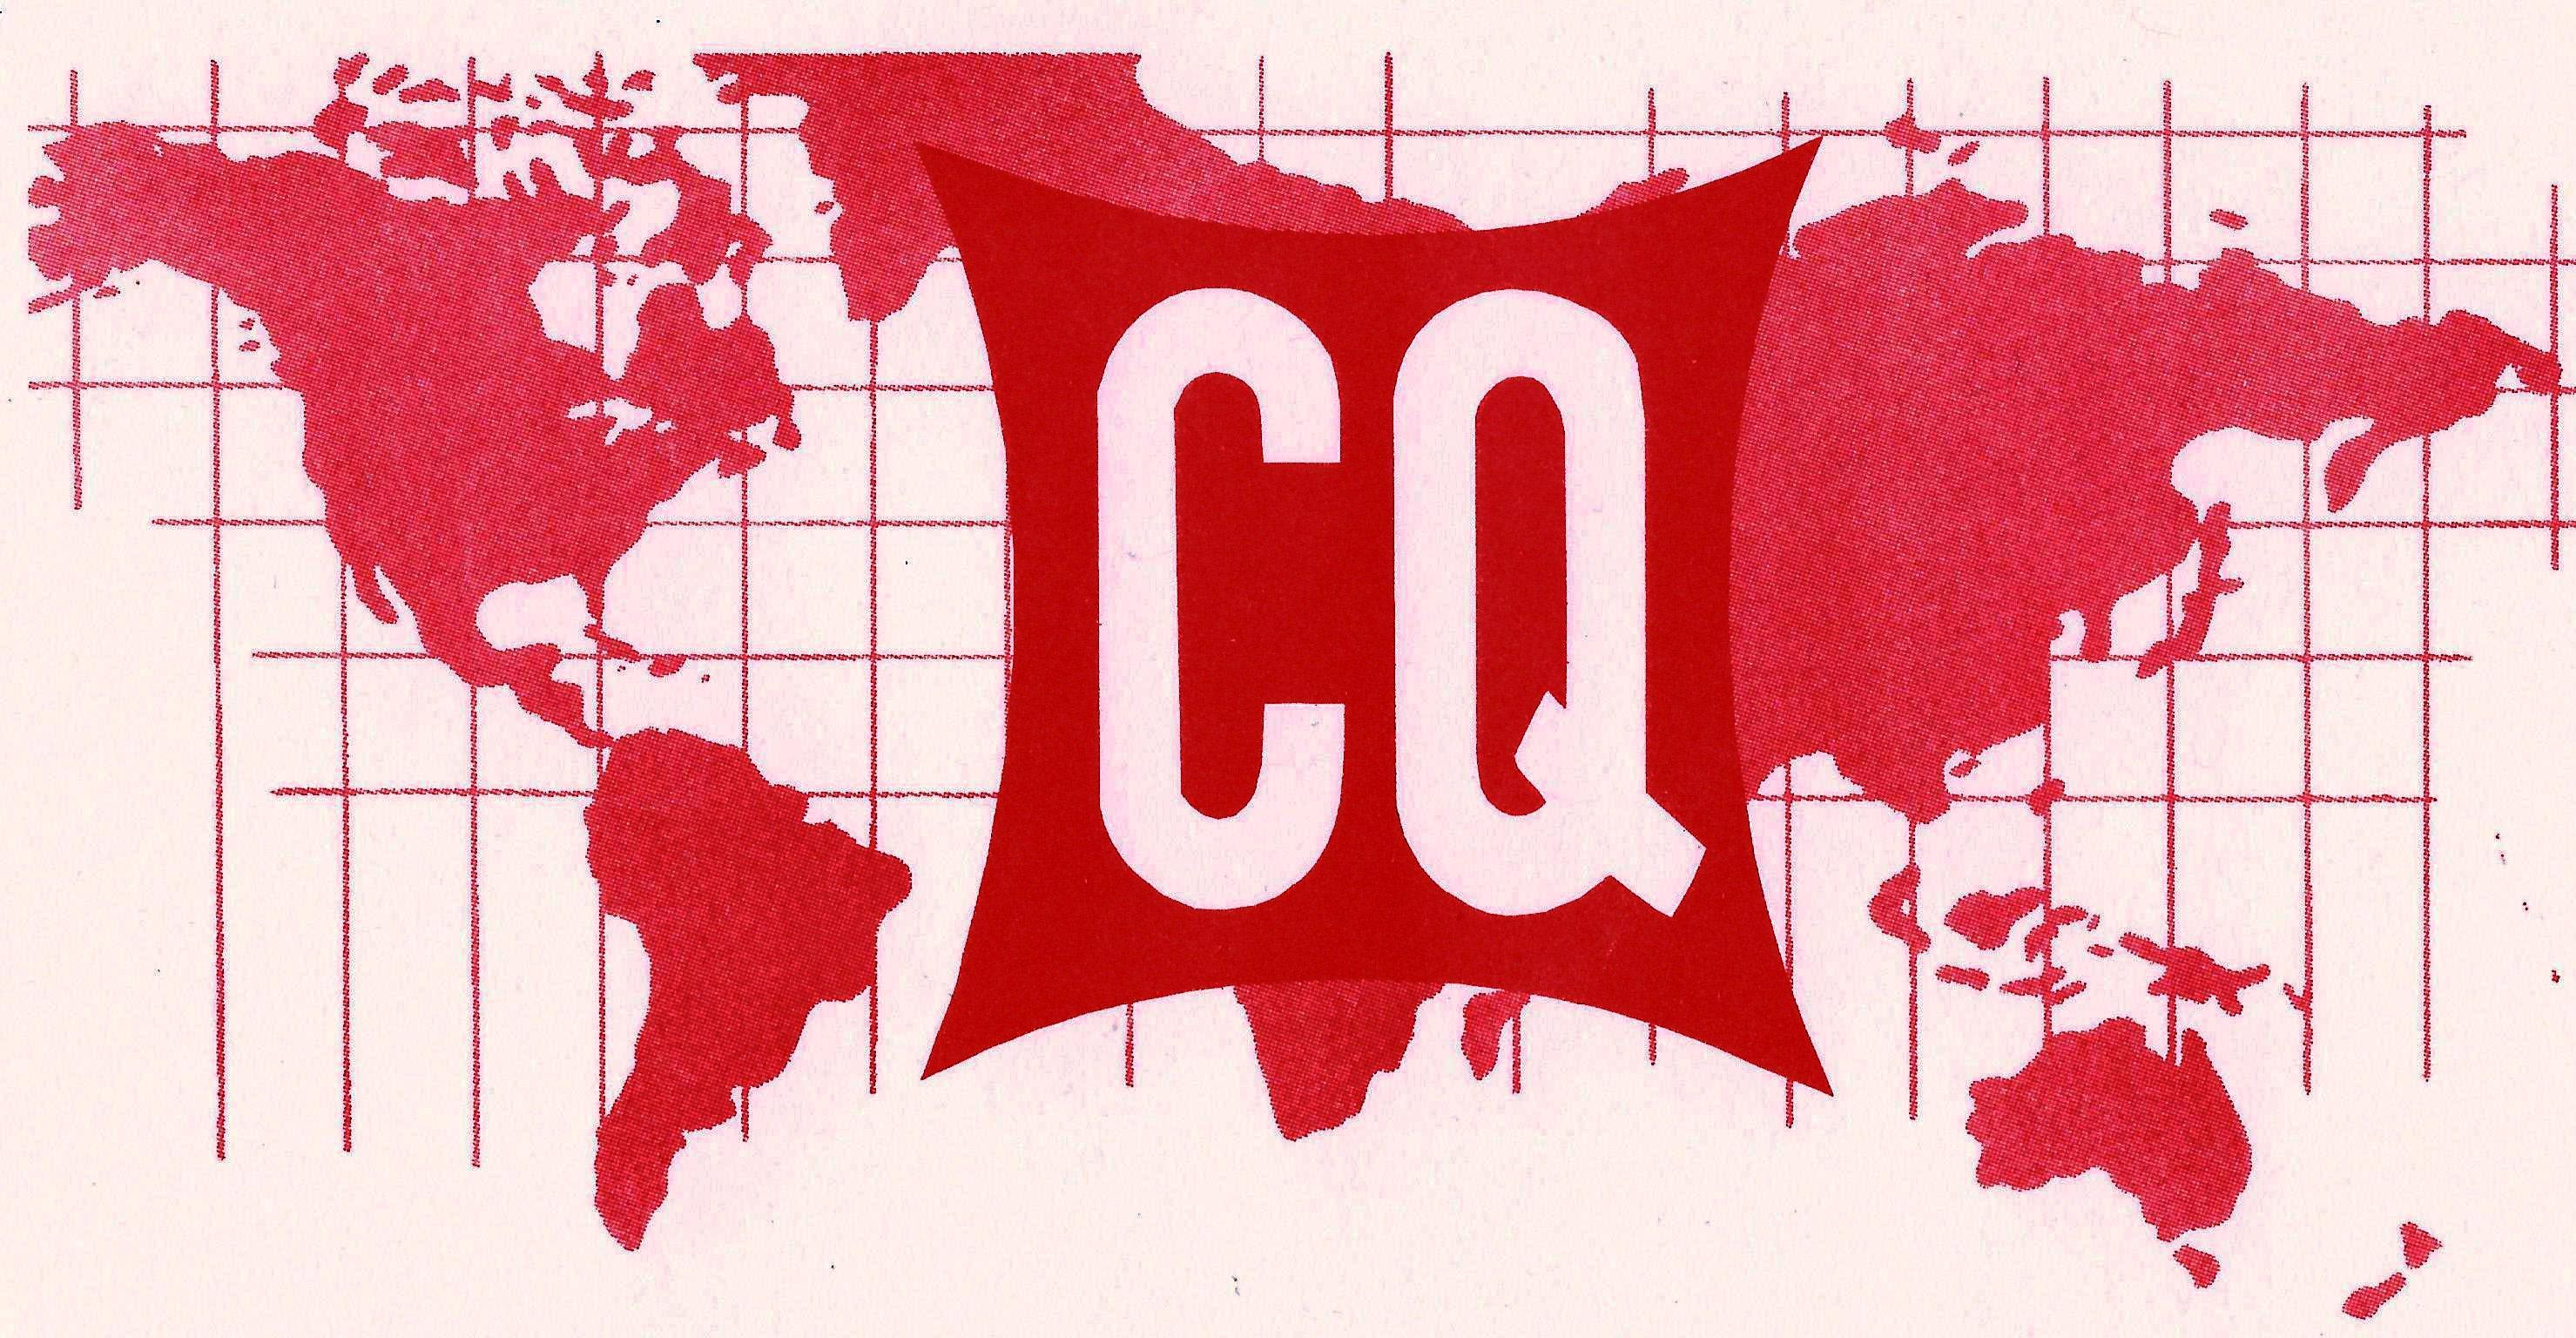 CQ WW DX Contest 2014